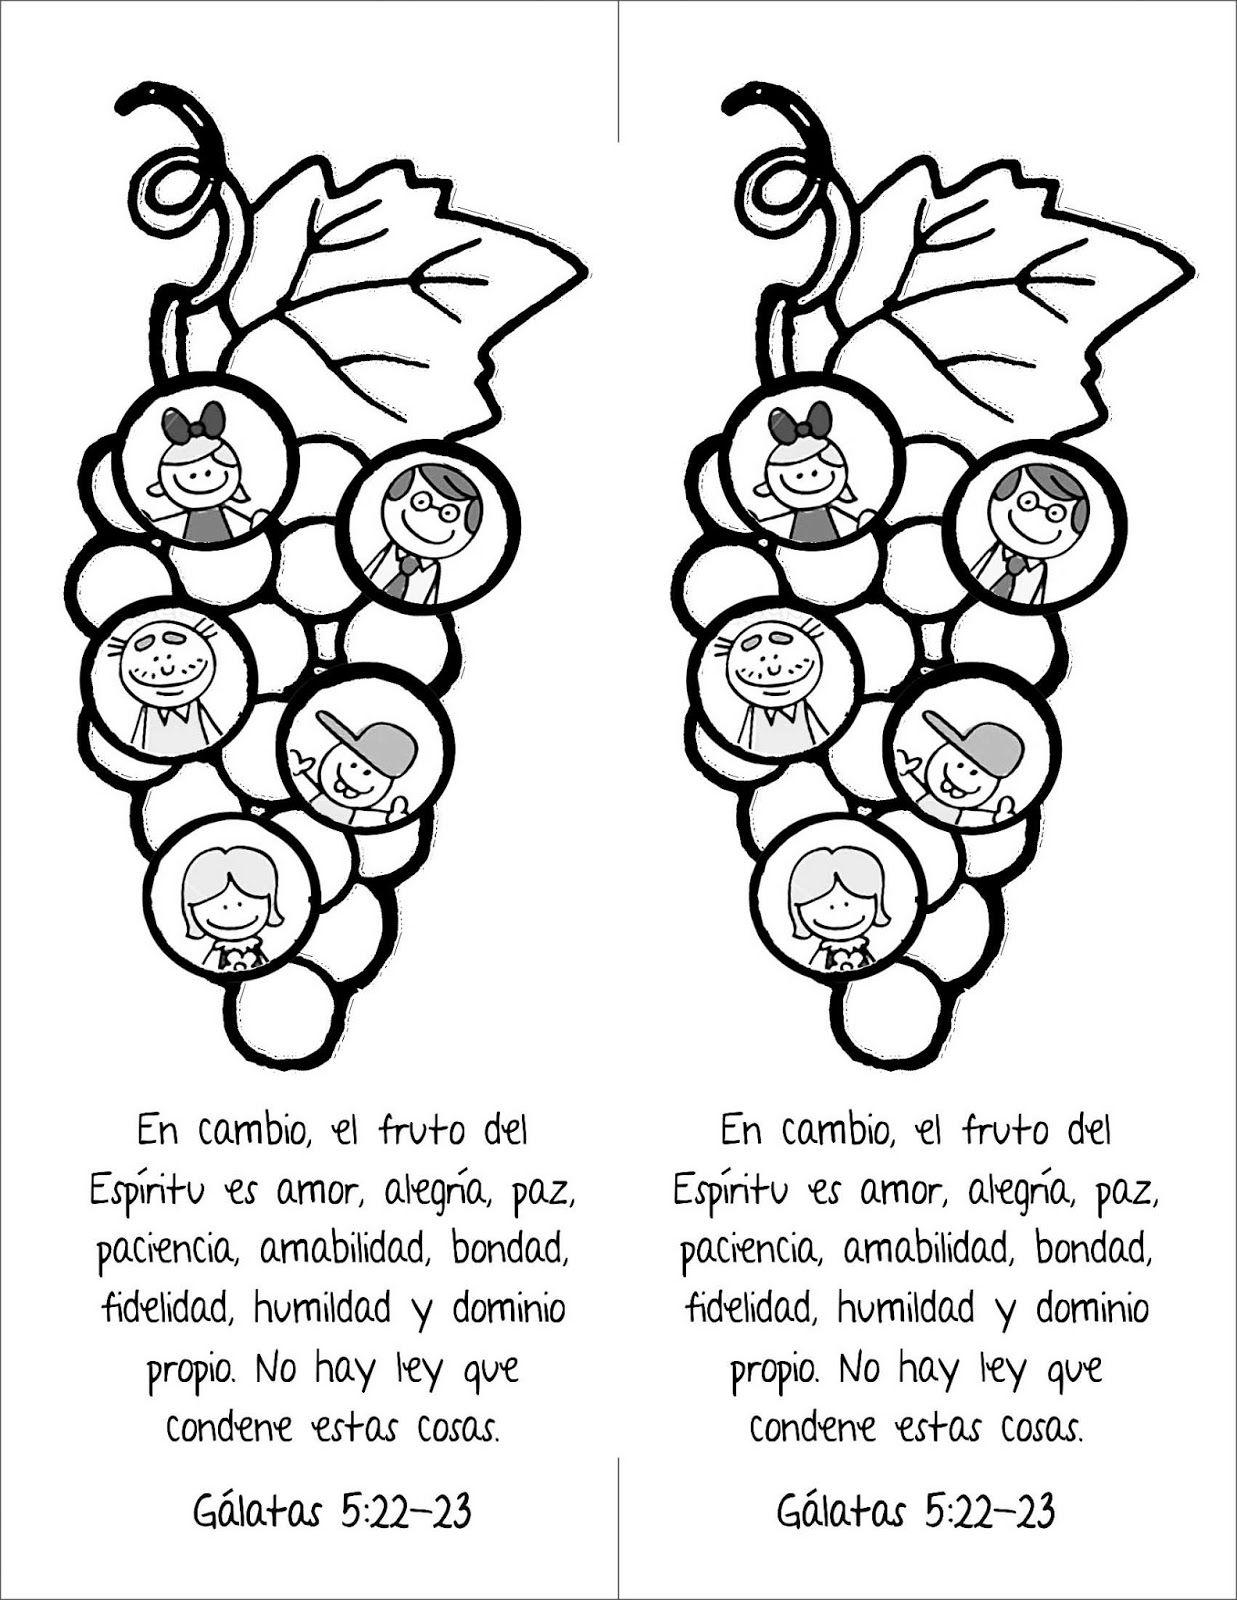 Biblia Ideas: Frutos de Espiritu Santo | Frutos del Espírtu ...